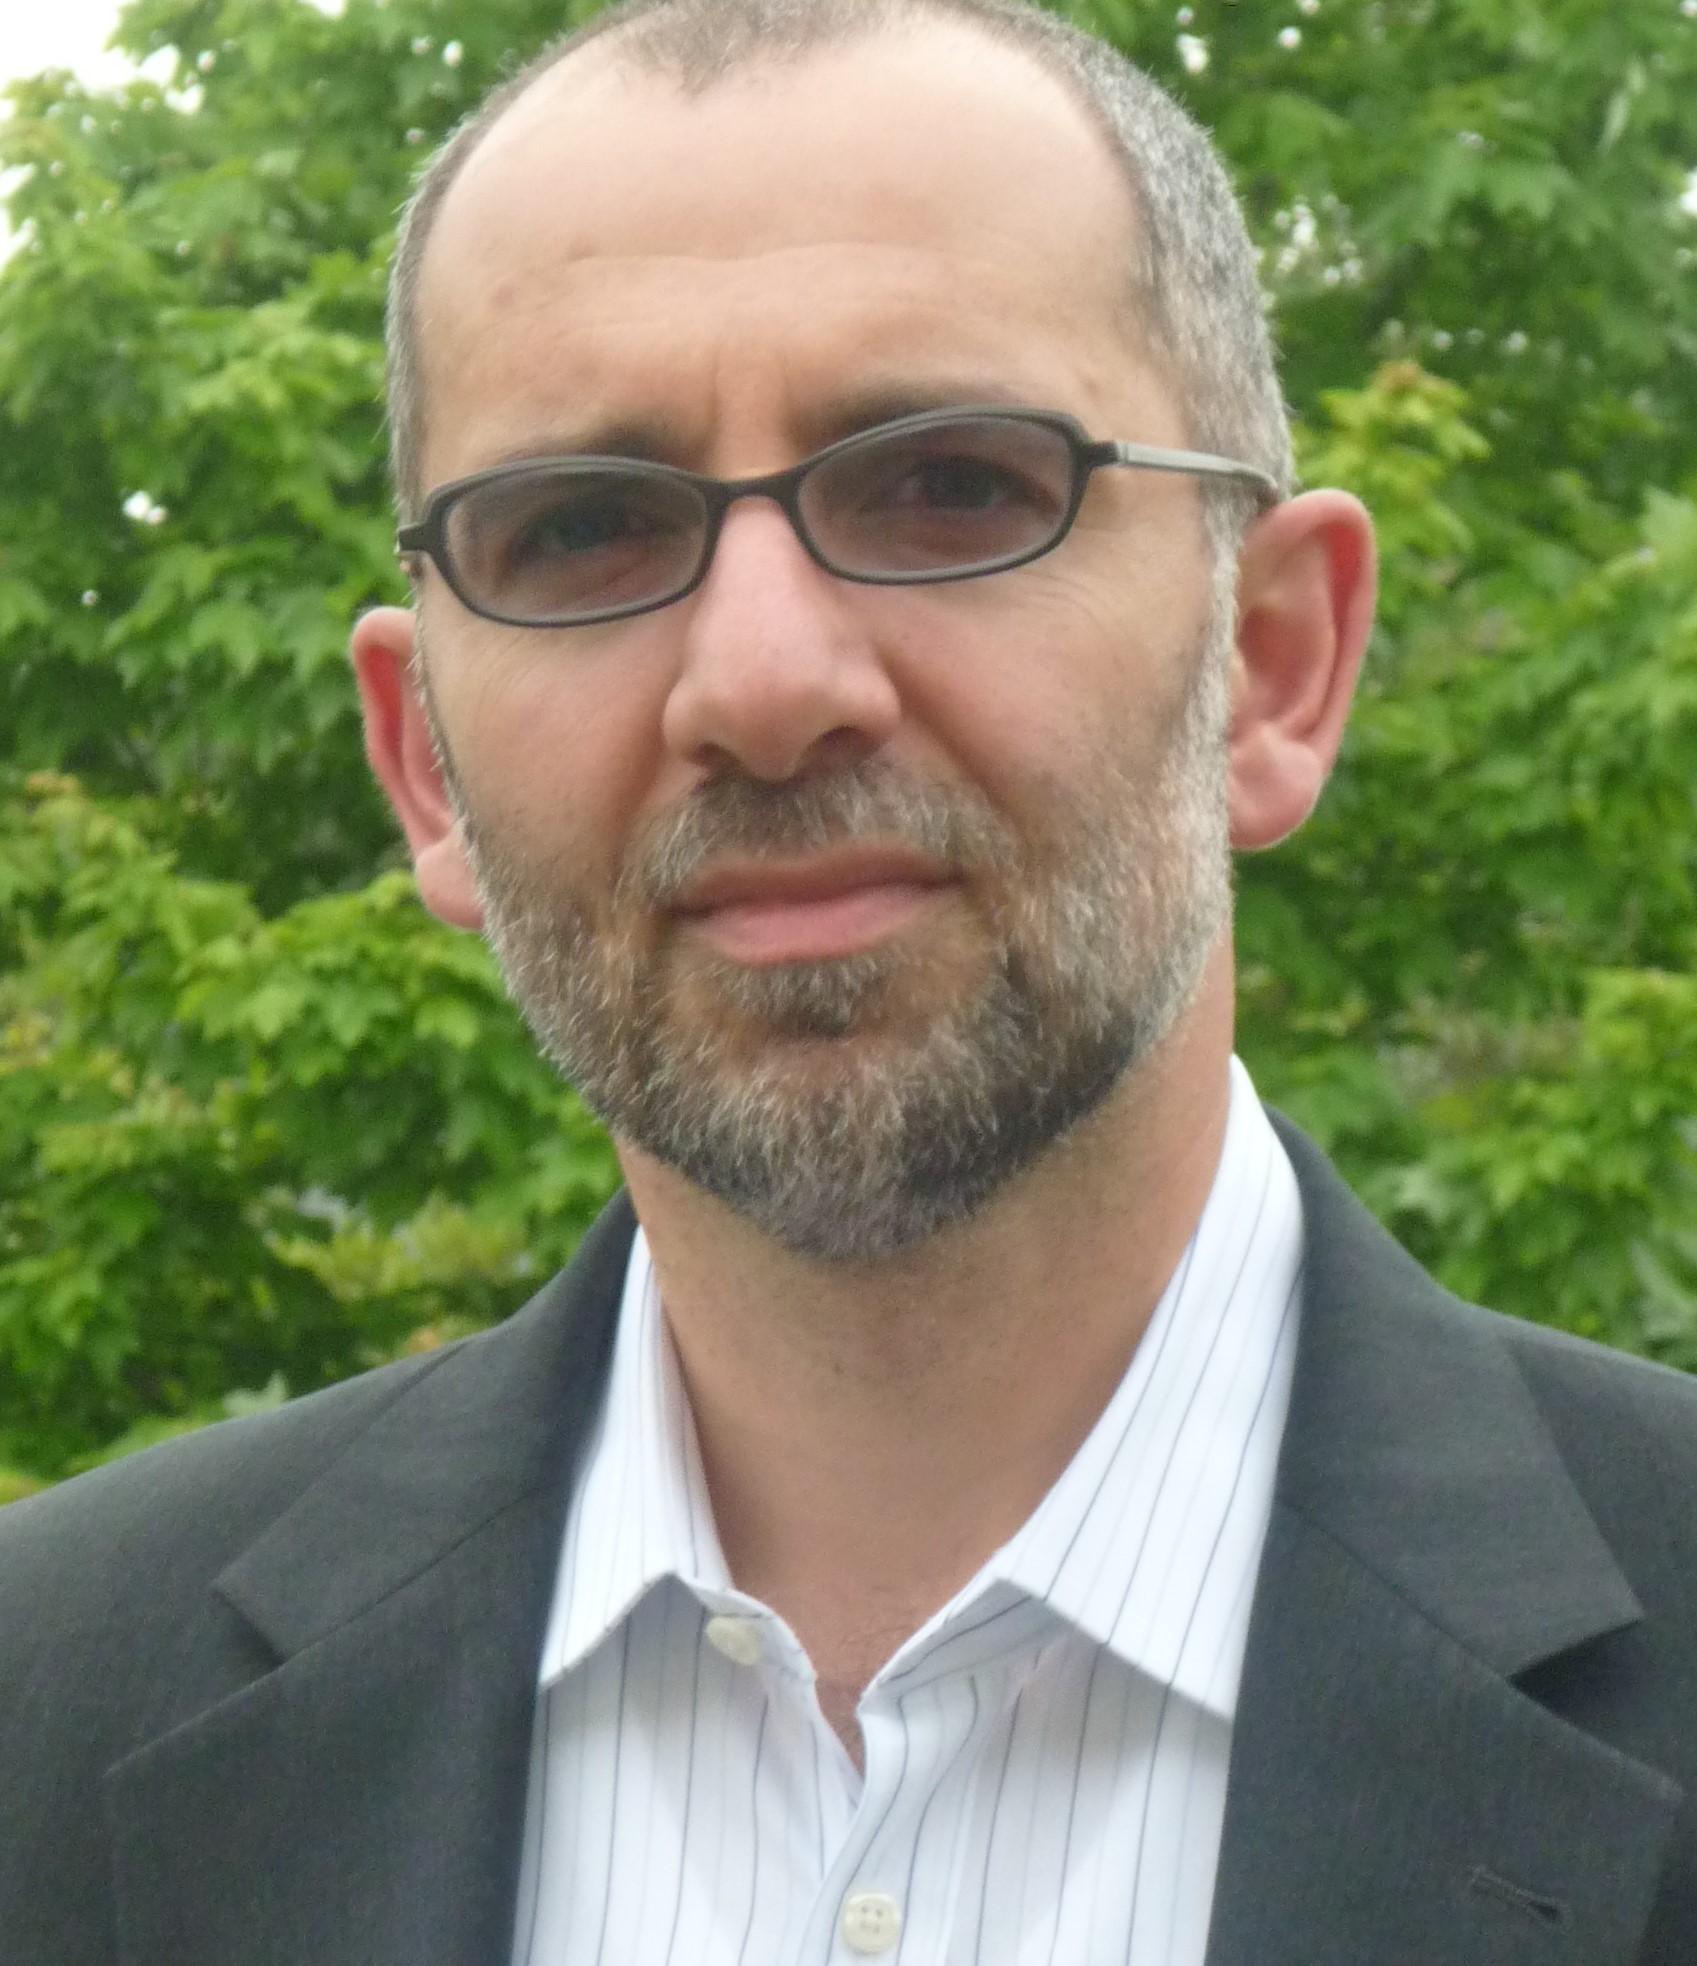 Pourali, Masoud